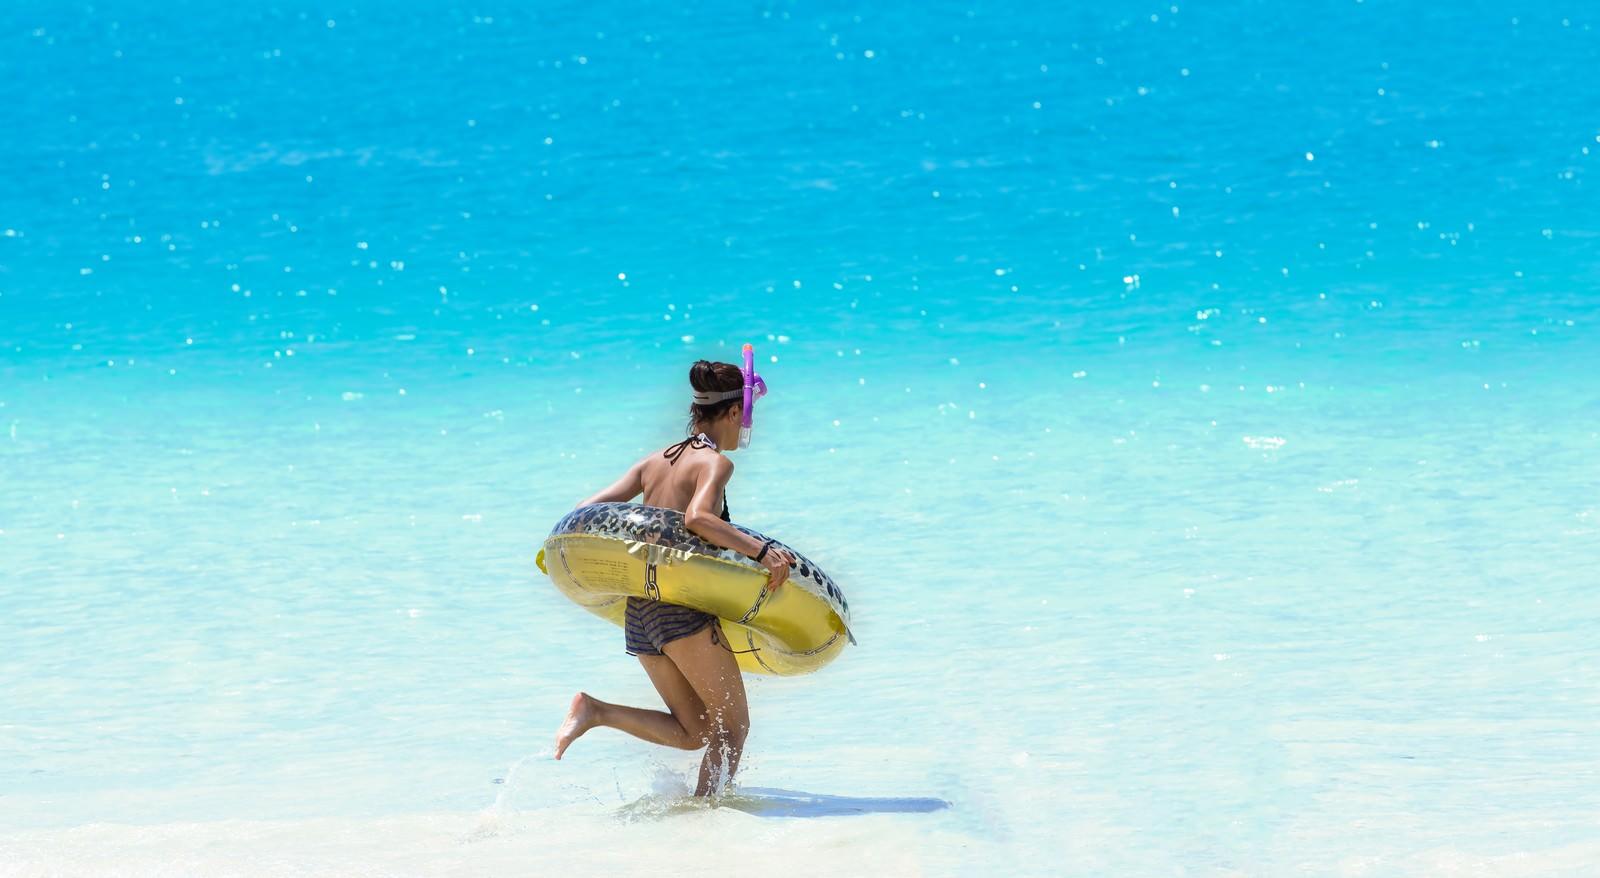 「シュノーケリングセットと浮き輪を持って、海に駆け出すこんがり焼けた女の子シュノーケリングセットと浮き輪を持って、海に駆け出すこんがり焼けた女の子」のフリー写真素材を拡大